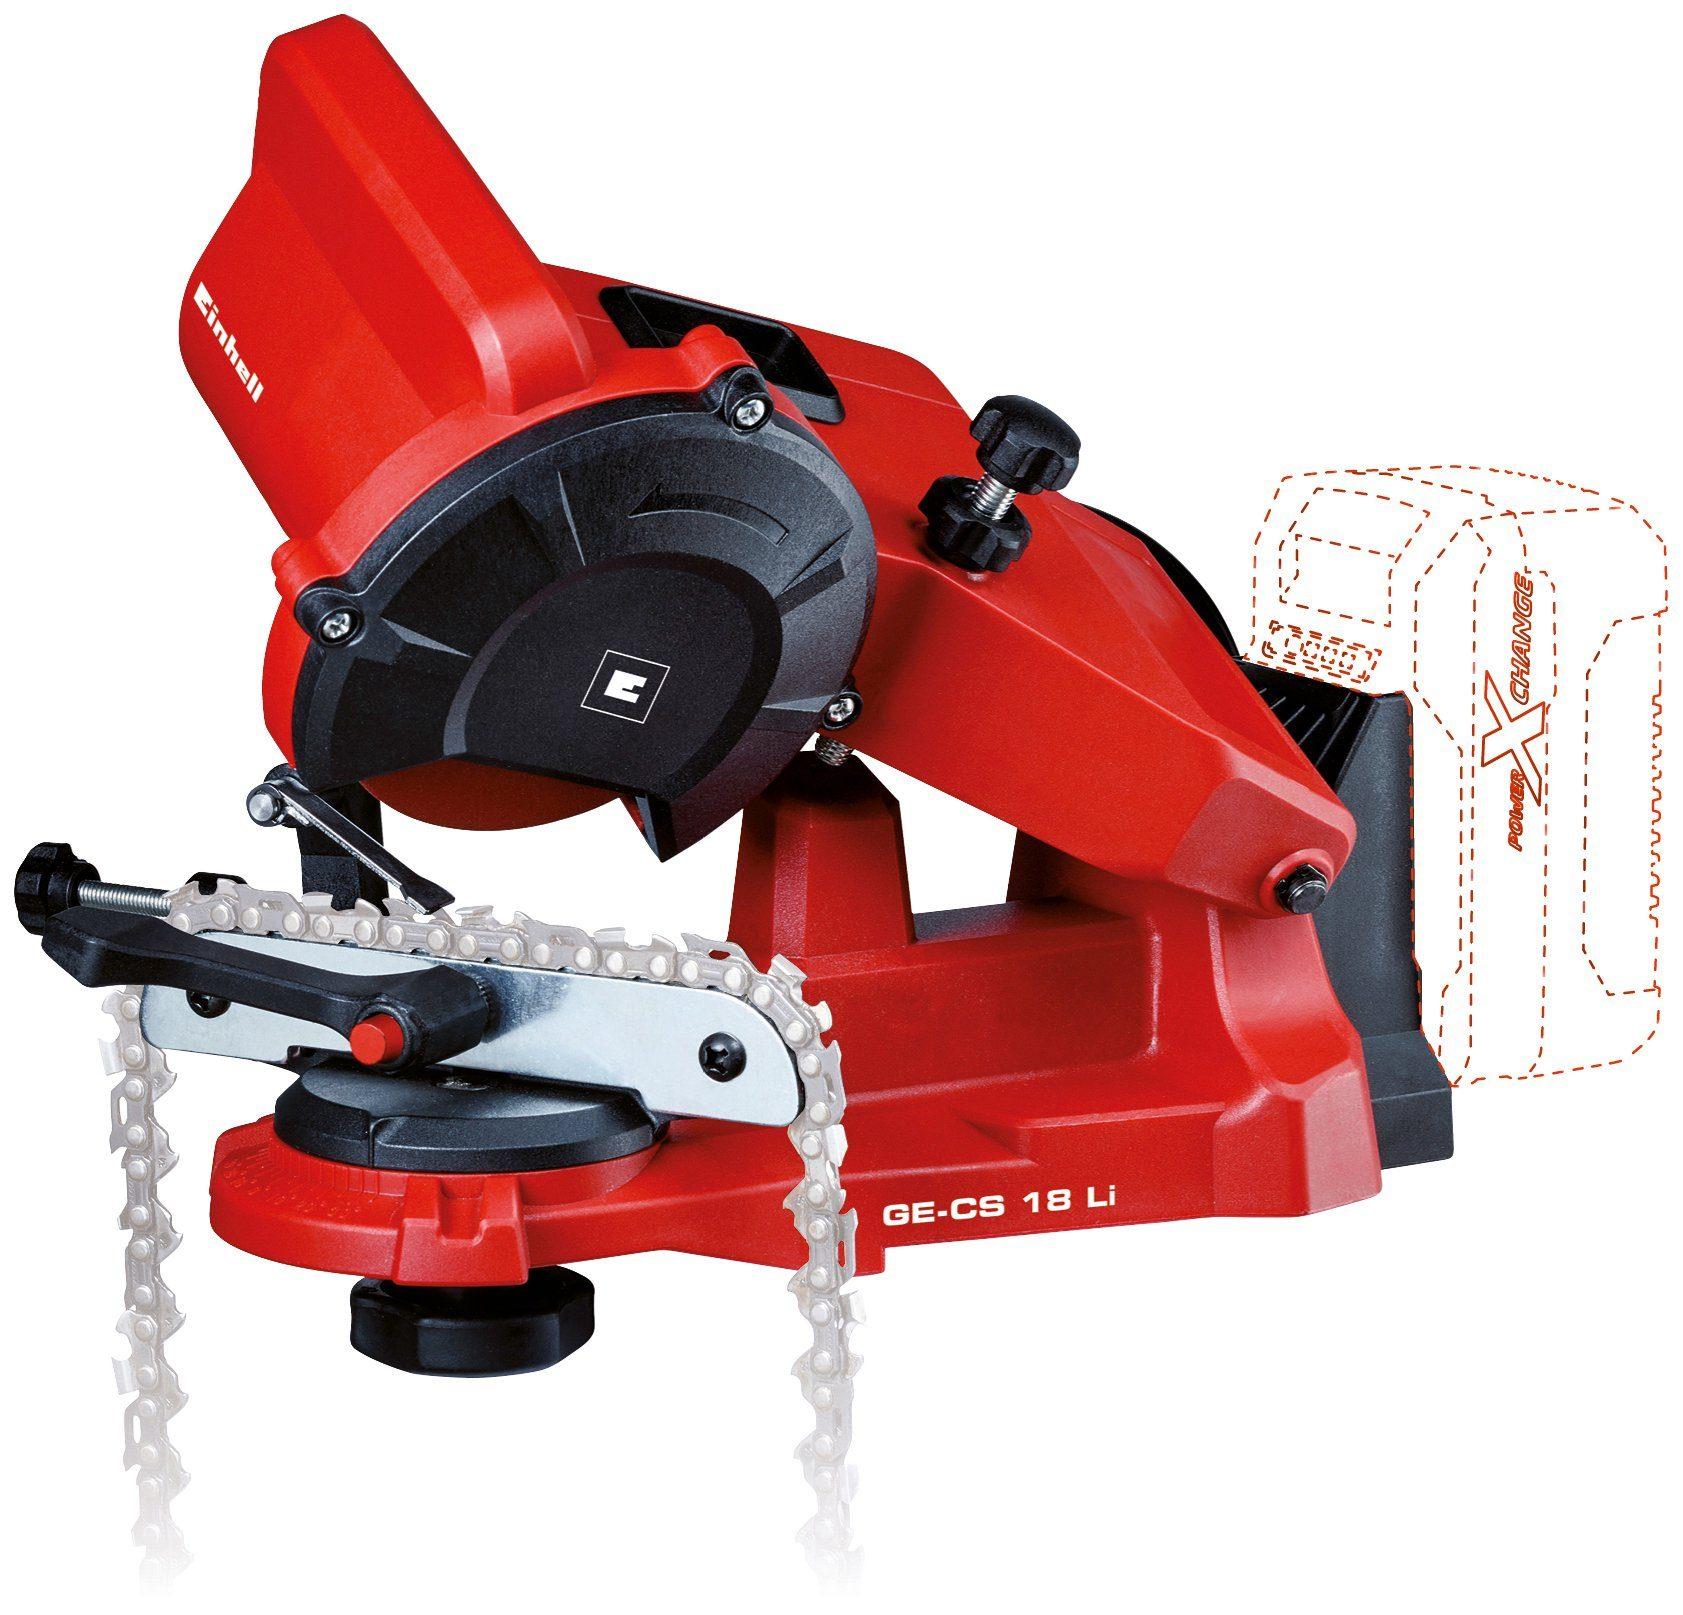 EINHELL Sägekettenschärfgerät »GE-CS 18 Li-Solo«, für alle gängigen Sägeketten